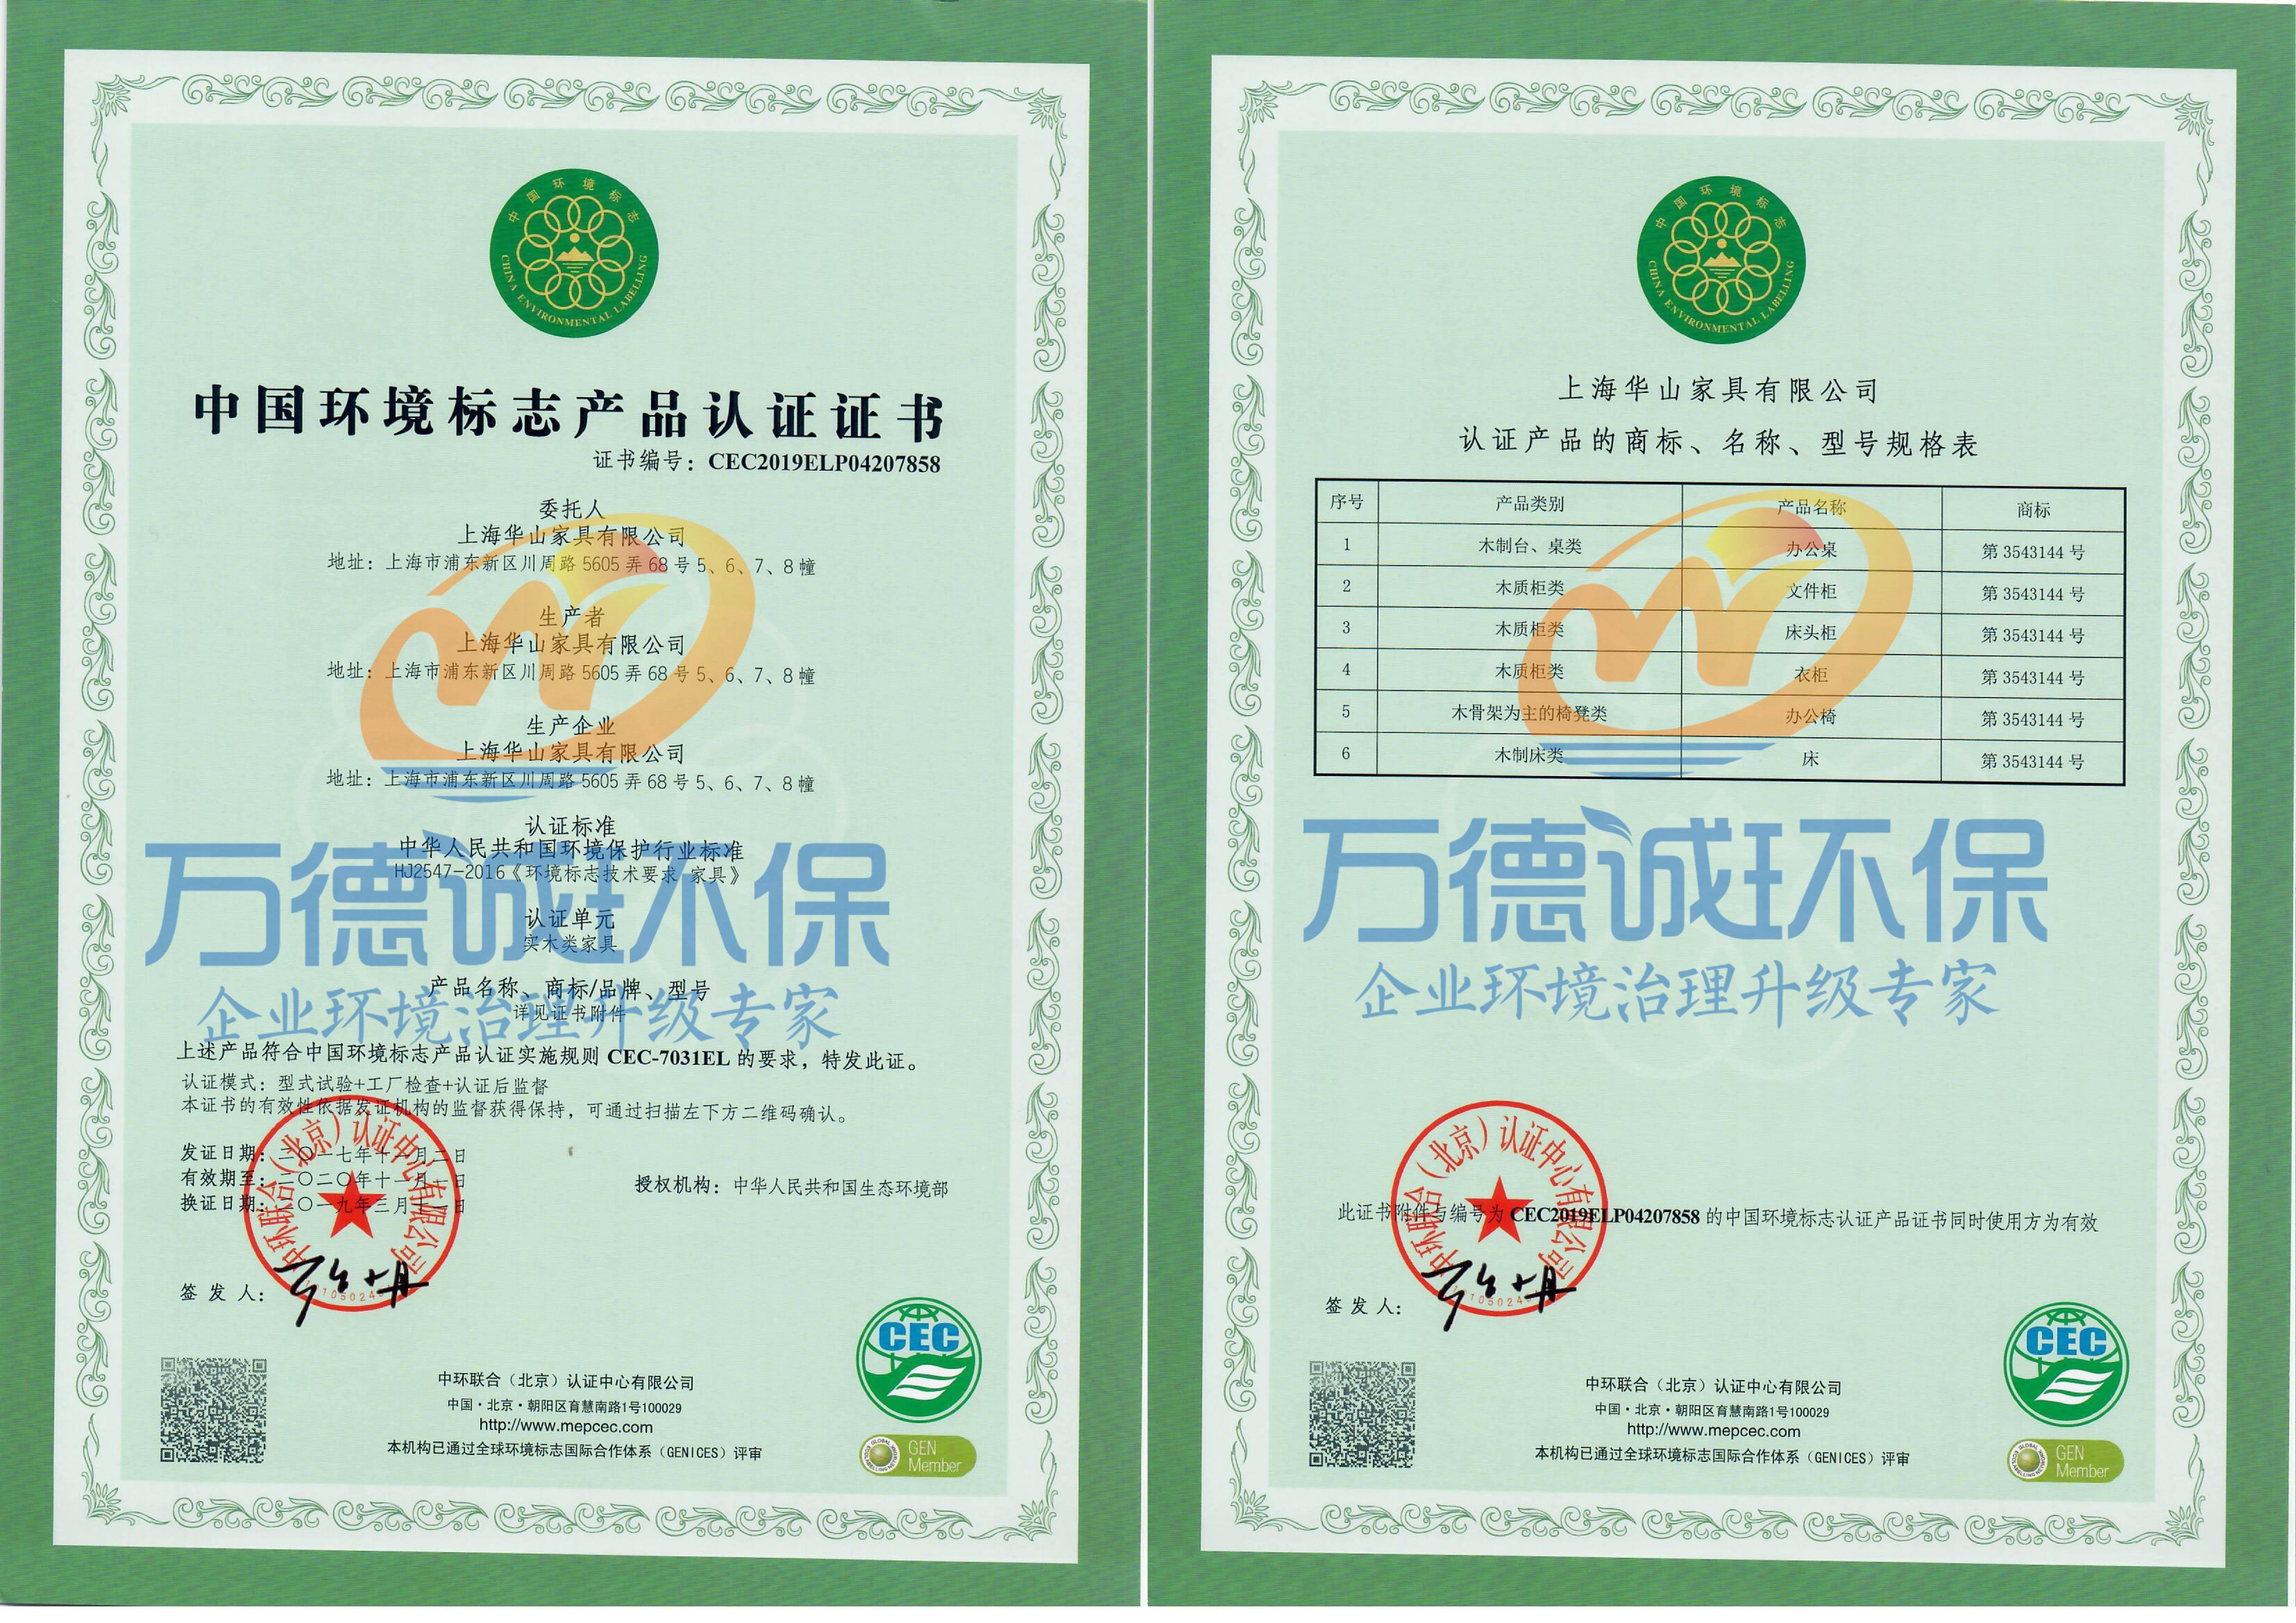 家具行业权威绿色标志:十环认证